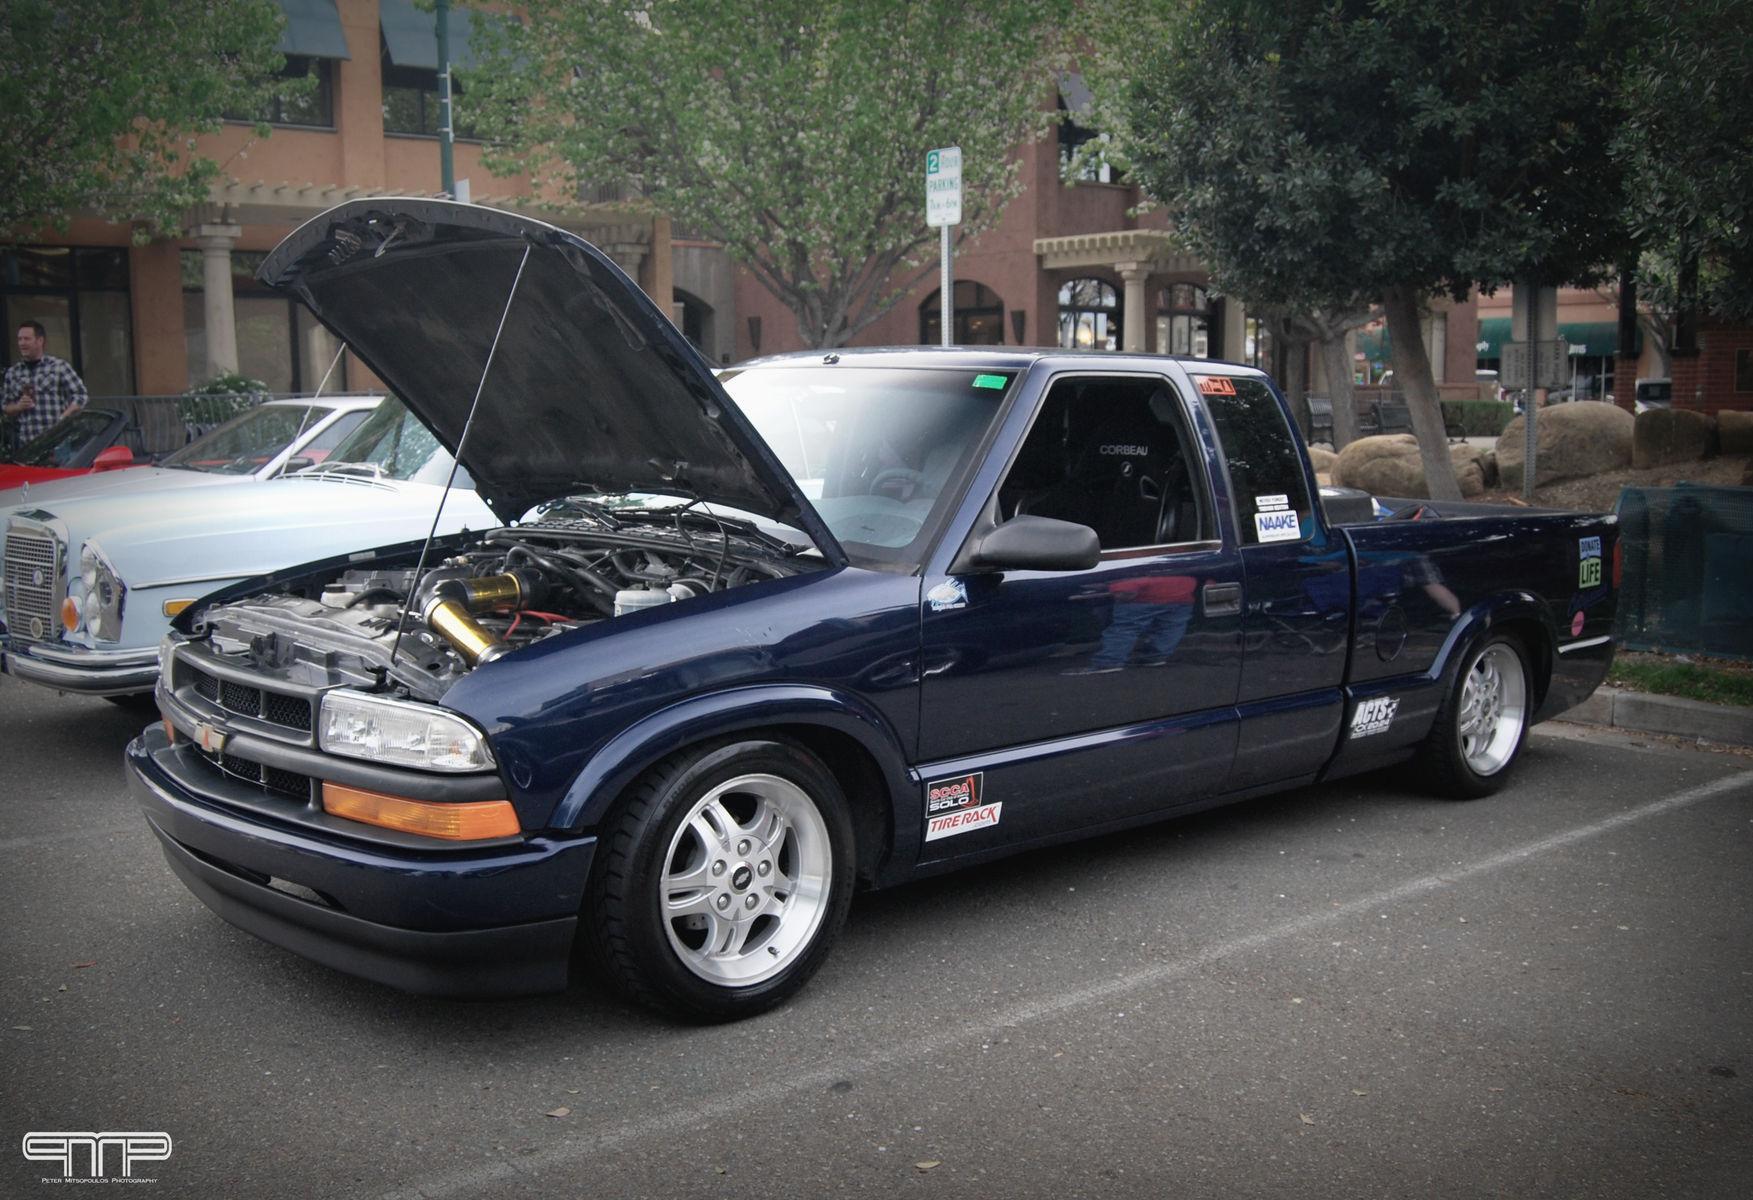 Chevrolet S-10 | Chevy S-10